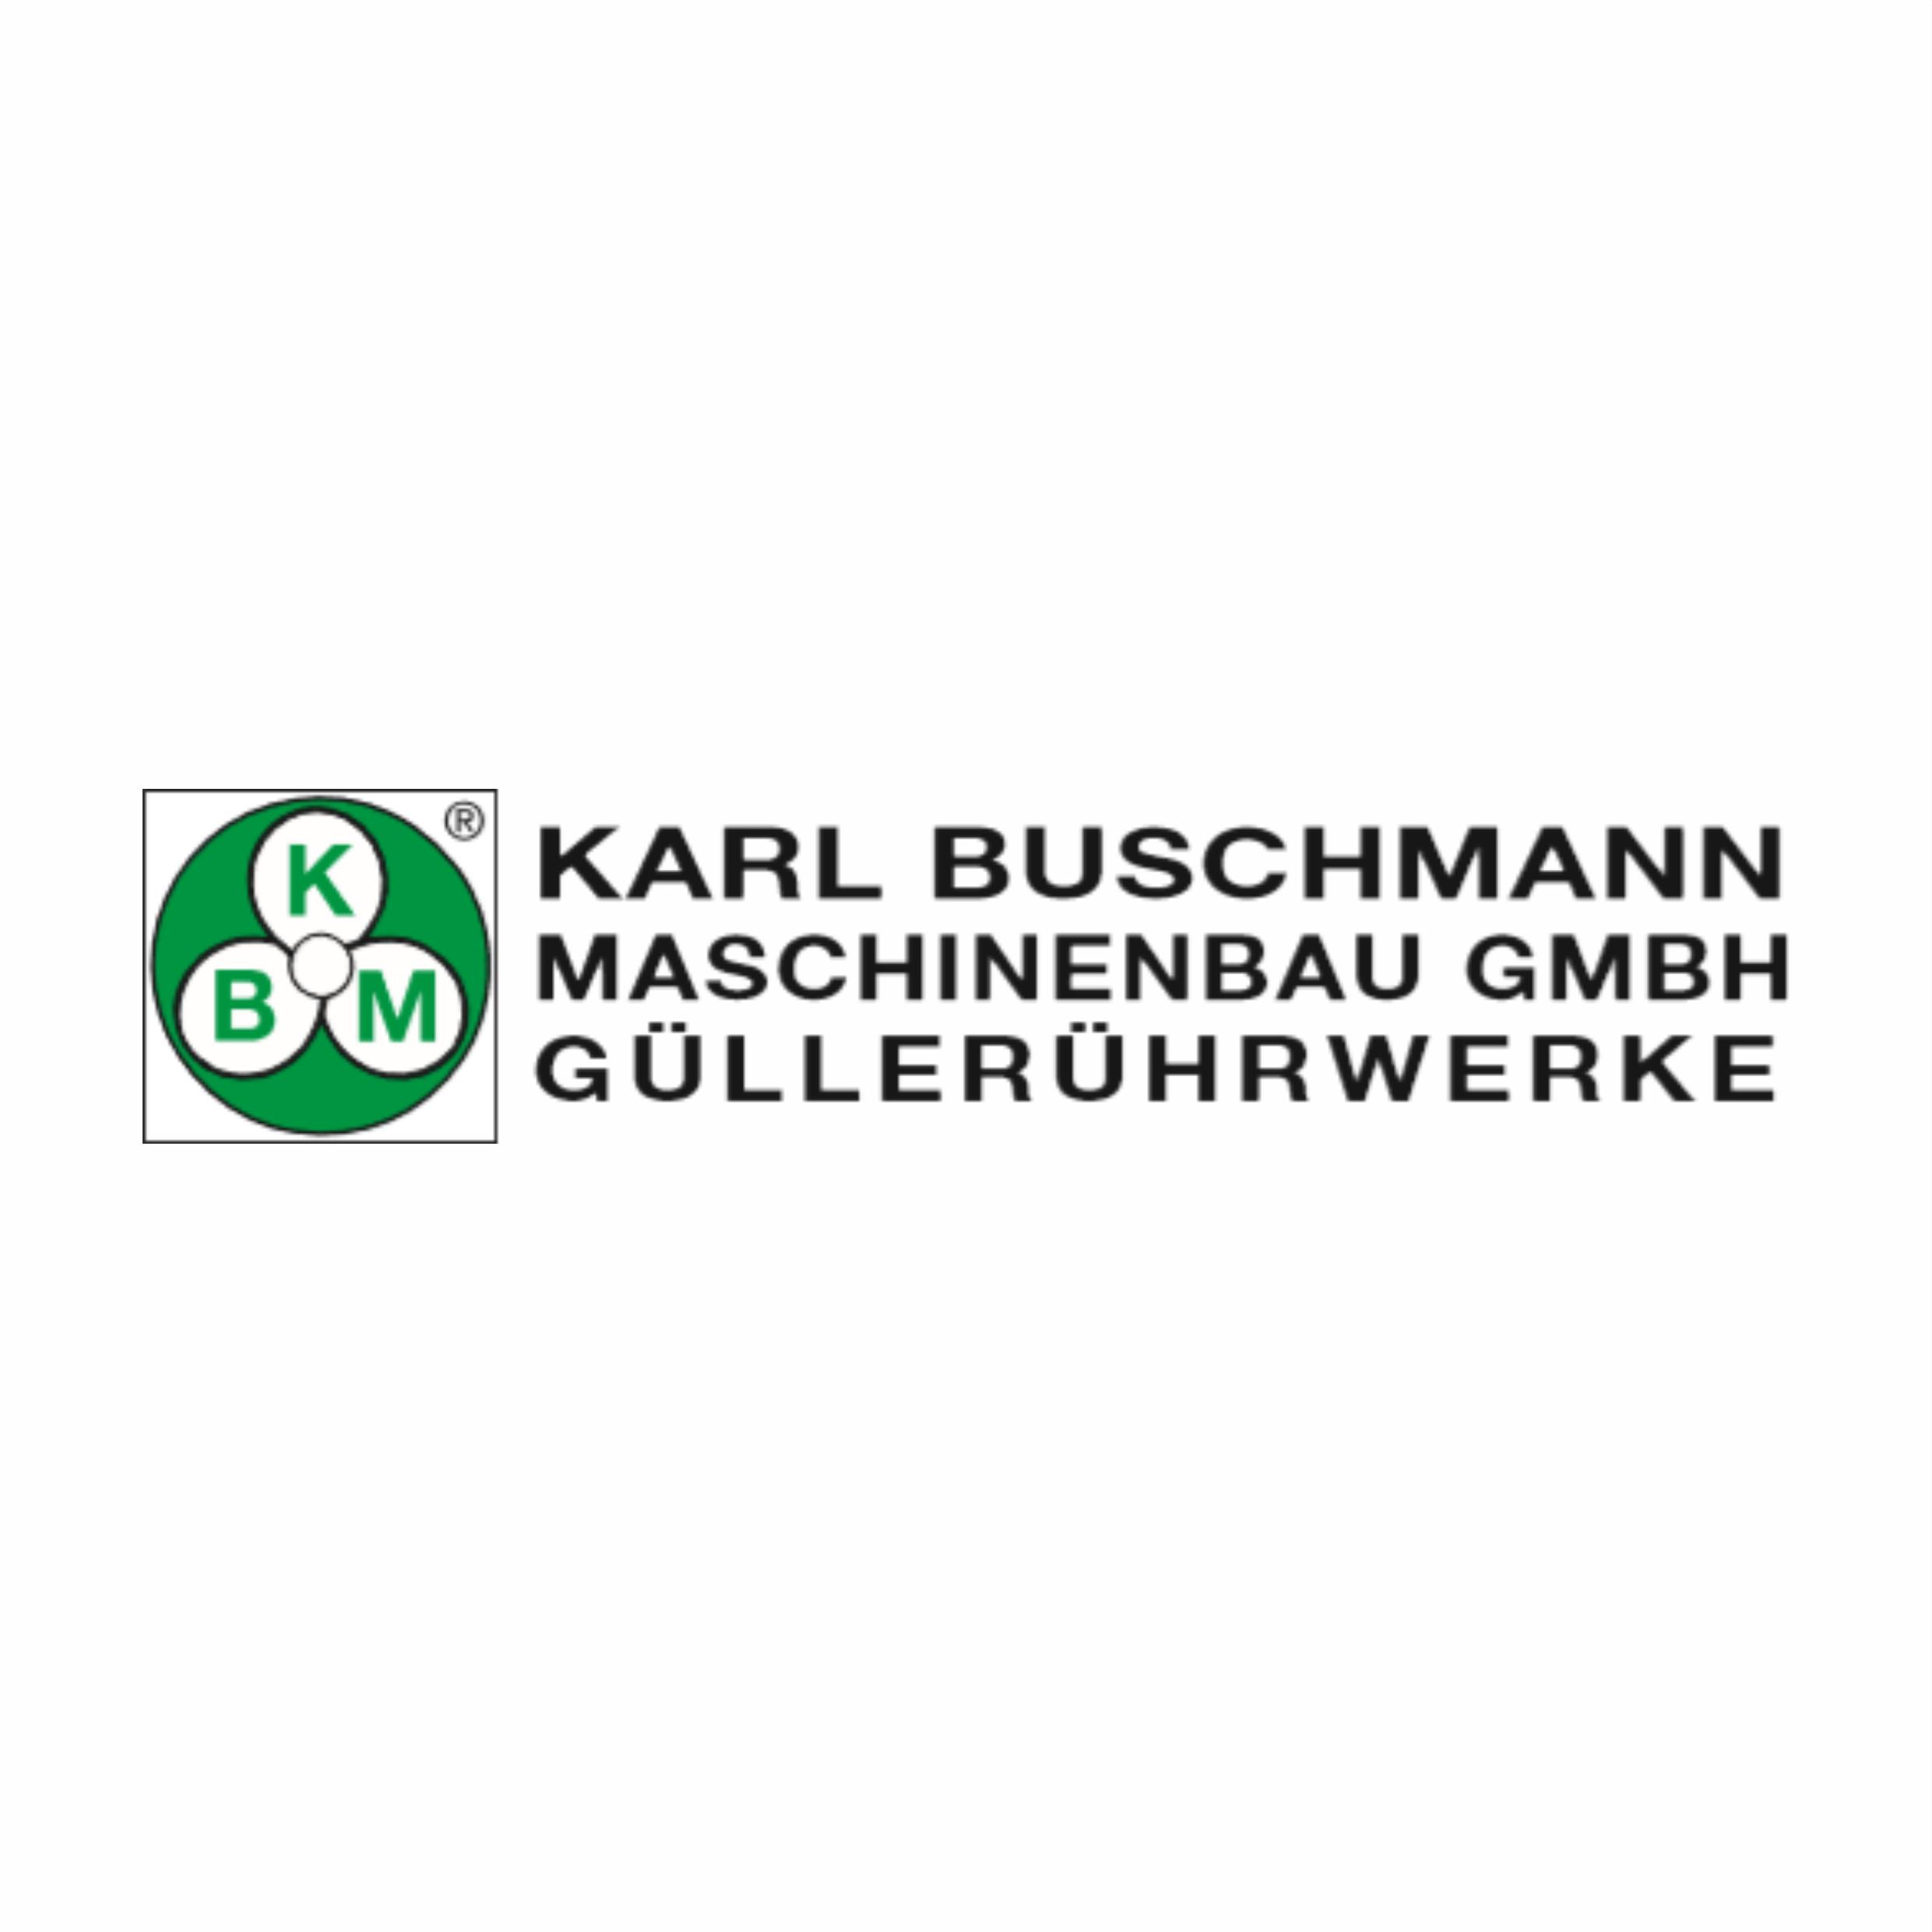 Karl Buschmann Maschinenbau GmbH   Güllerührwerke